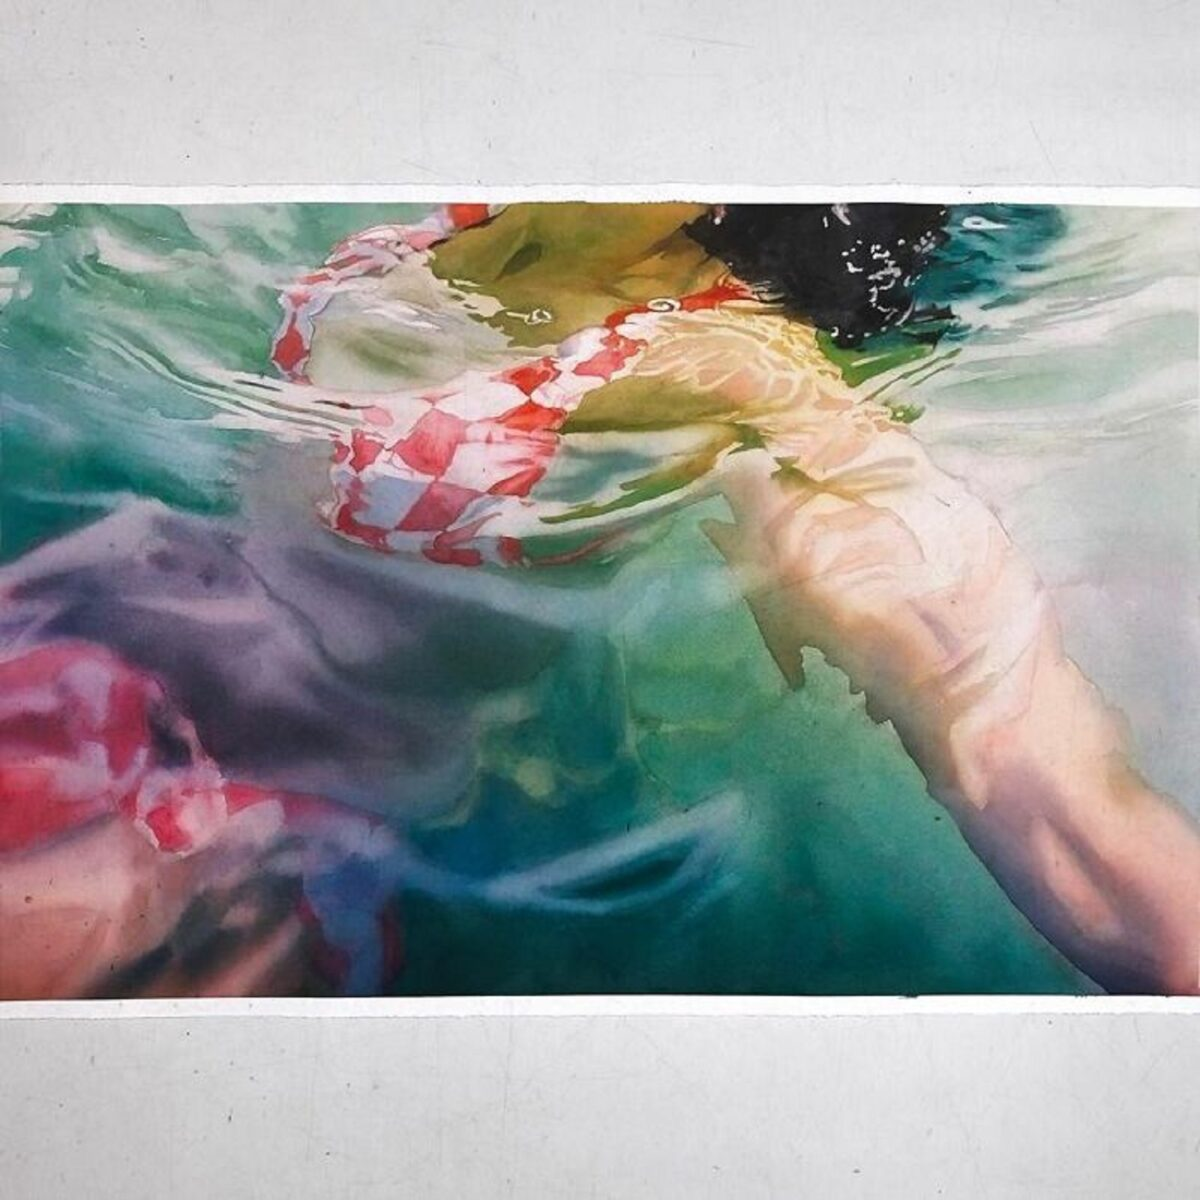 Marcos Beccari artista brasileiro retrata pessoas dentro dagua em incriveis pinturas aquarelas 7